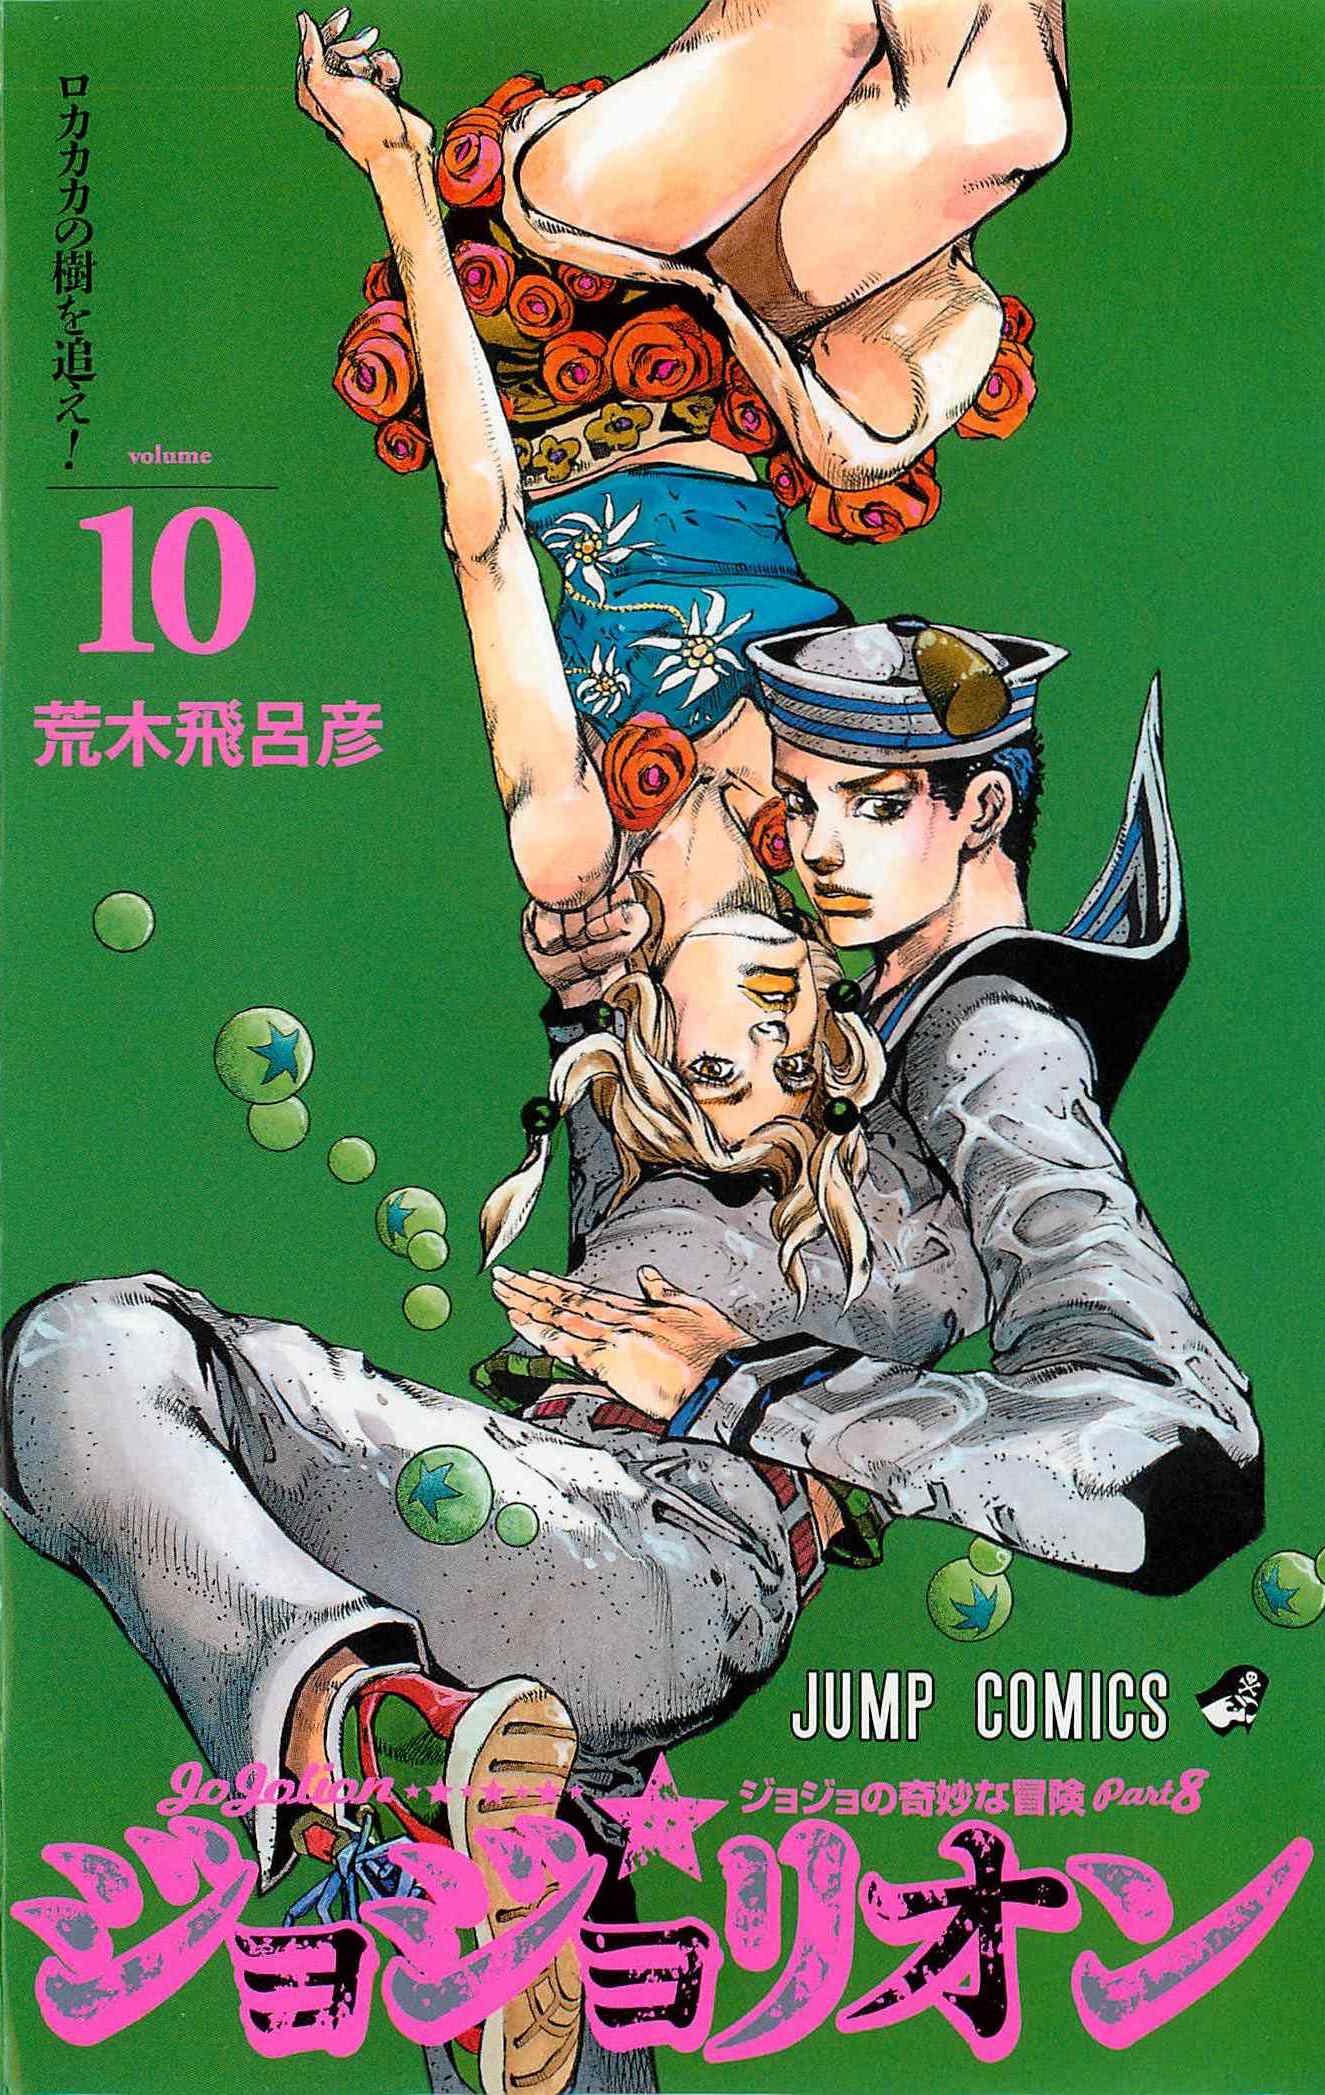 JJL Volumen 10